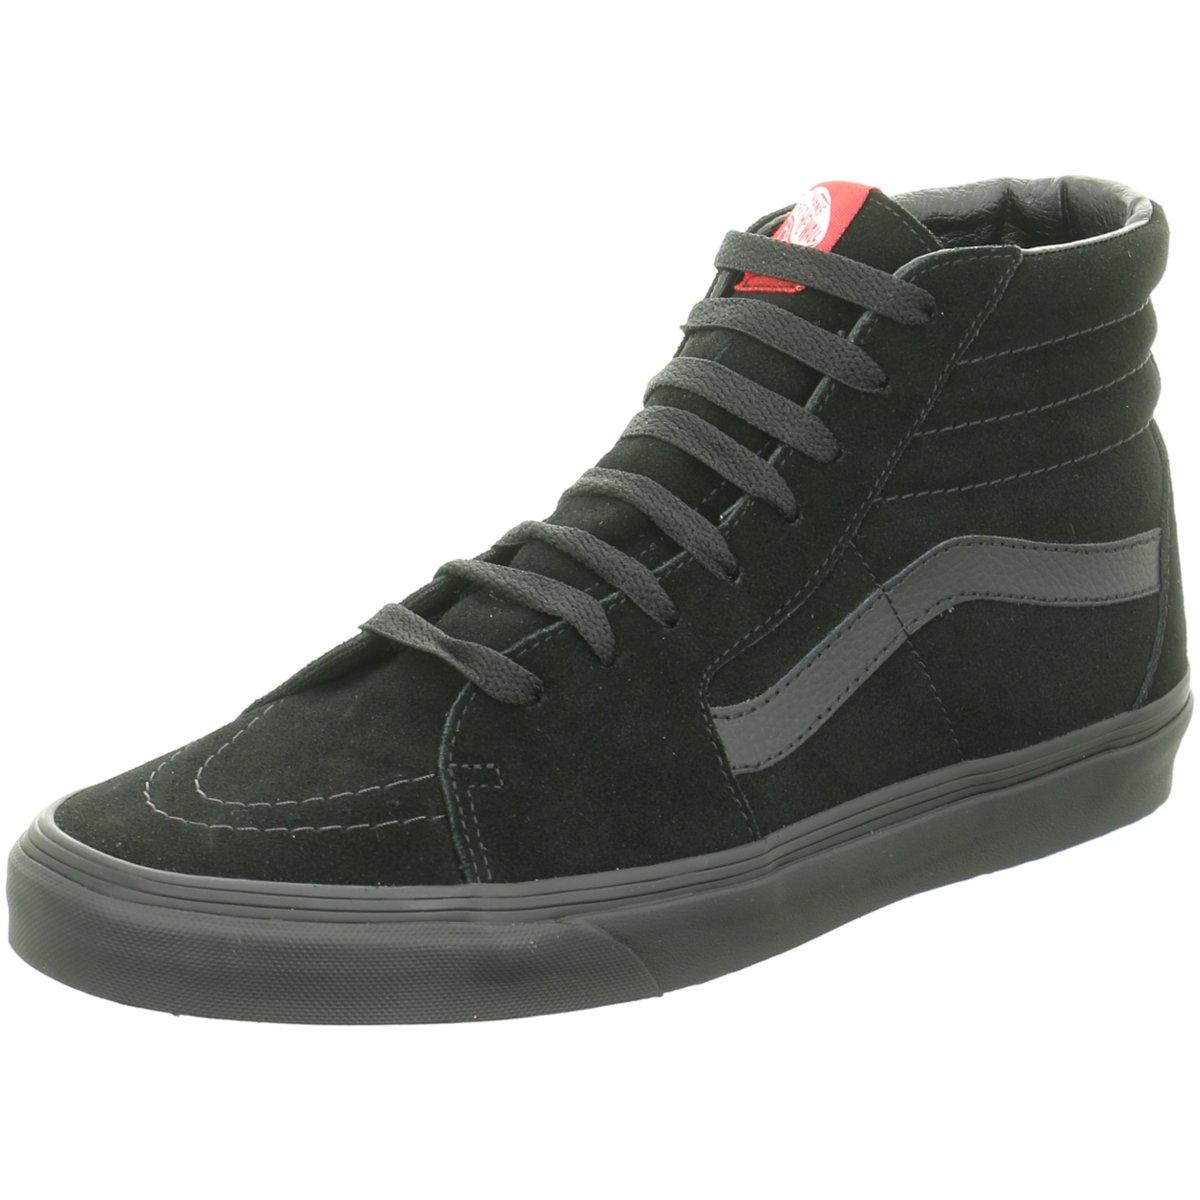 NEU Vans Herren Sneaker SK8 Hi-top Sneaker VD5IBKA schwarz 326725